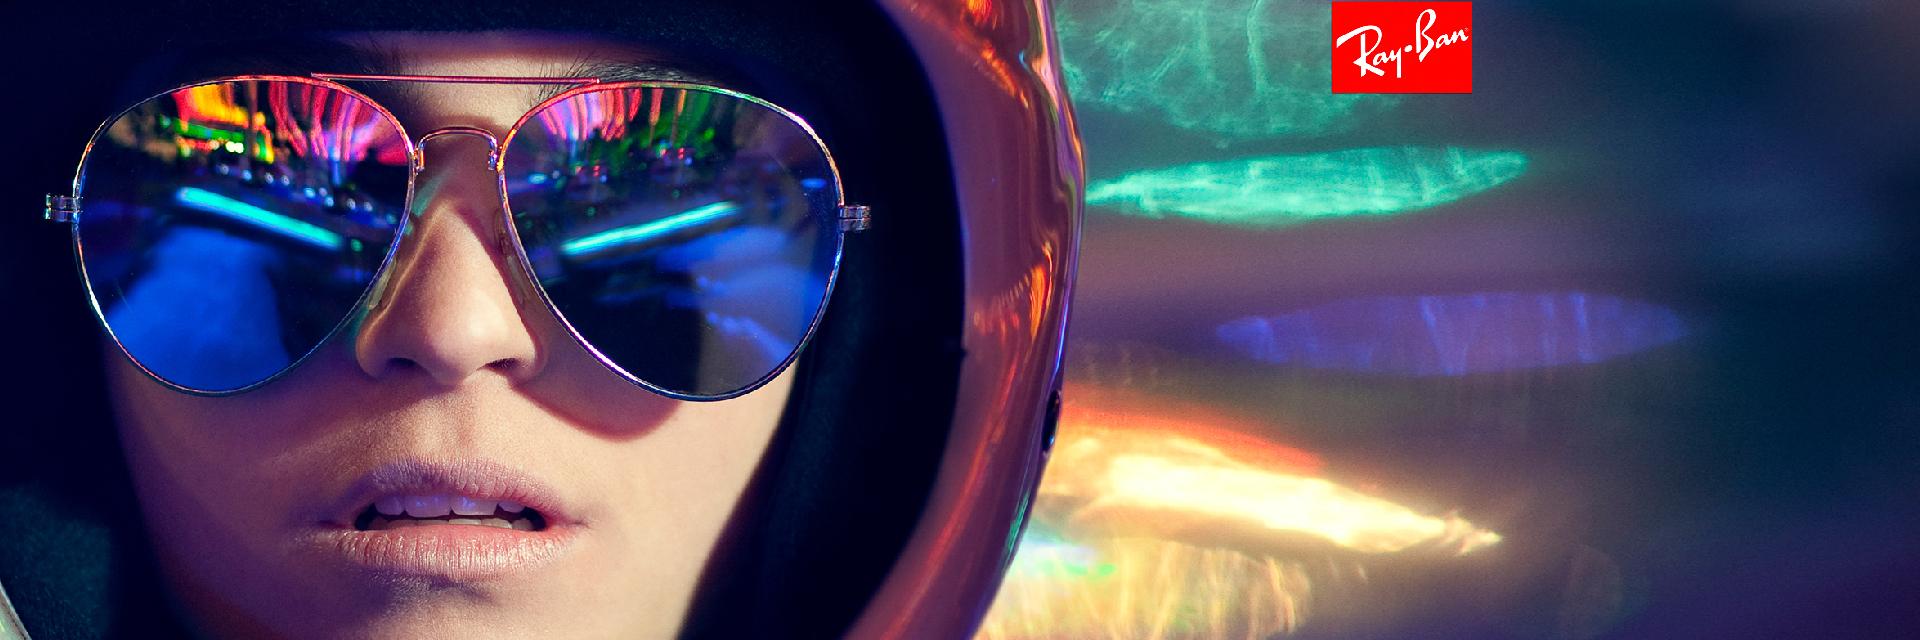 banner lentes de sol rayban